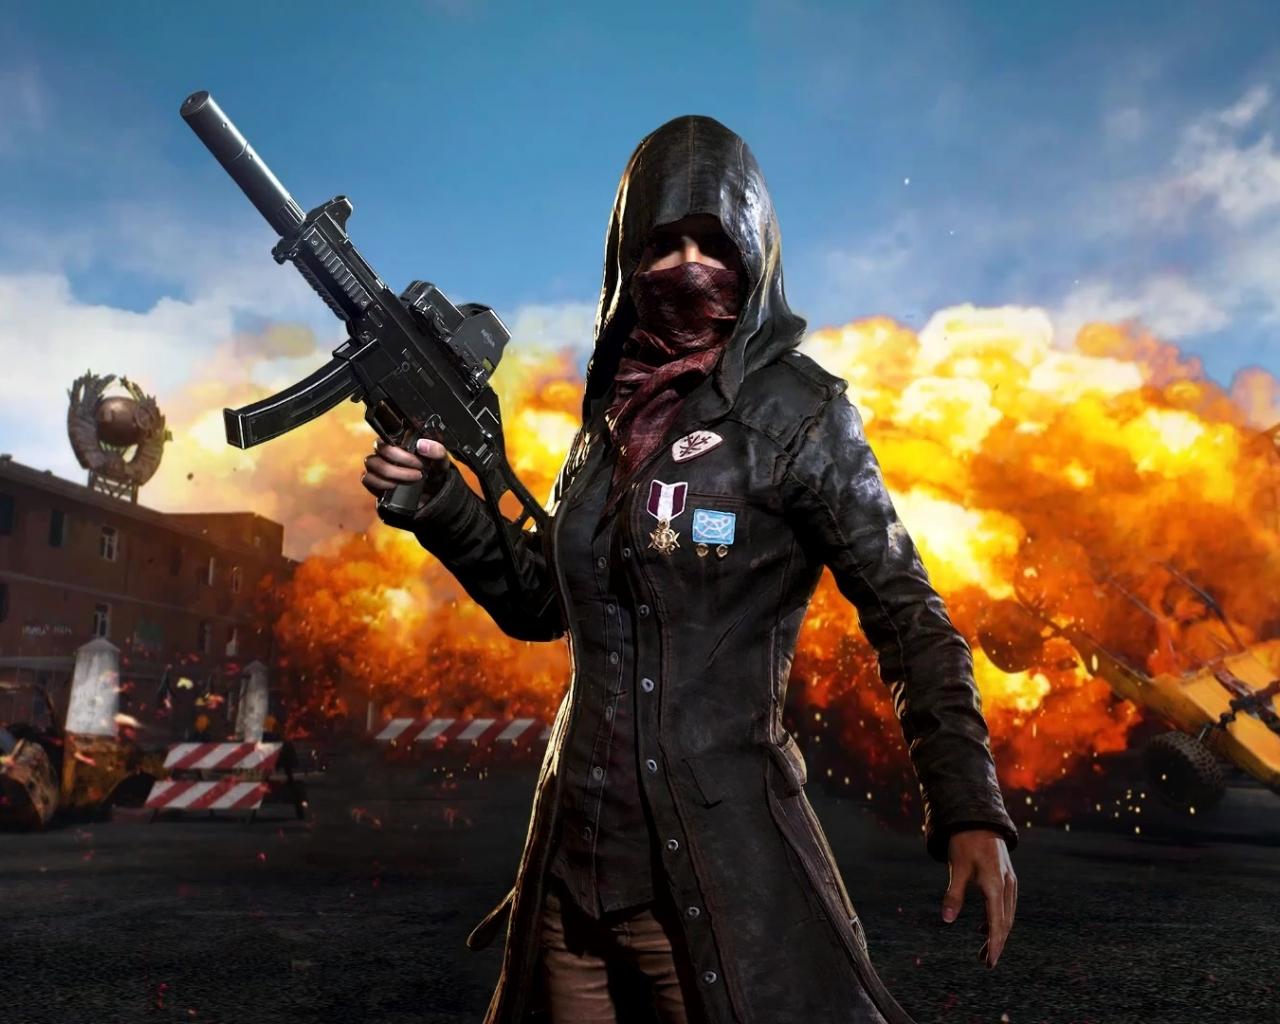 PlayerUnknowns Battlegrounds PUBG Popular Video Game 1280x1024 Wallpaper